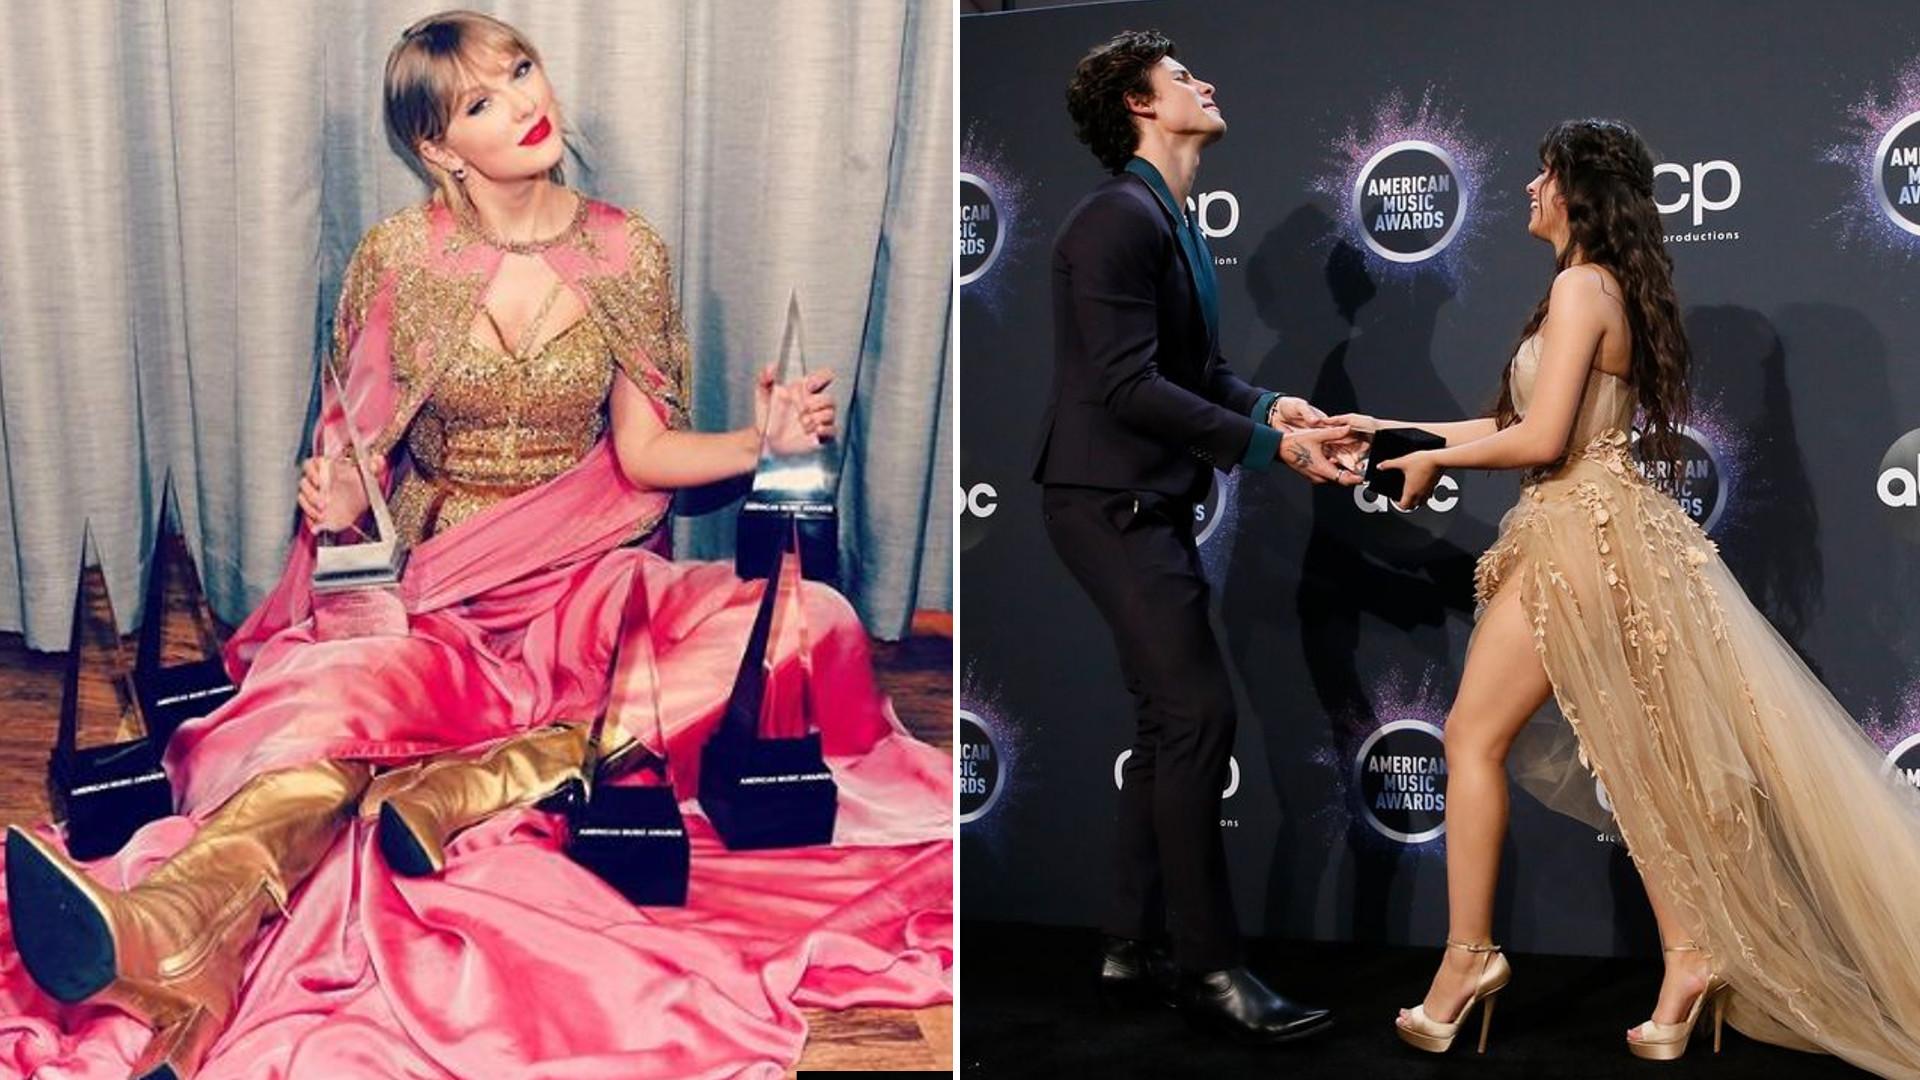 Taylor Swift z REKORDOWĄ liczbą statuetek na gali American Music Awards, Ariana Grande największą przegraną